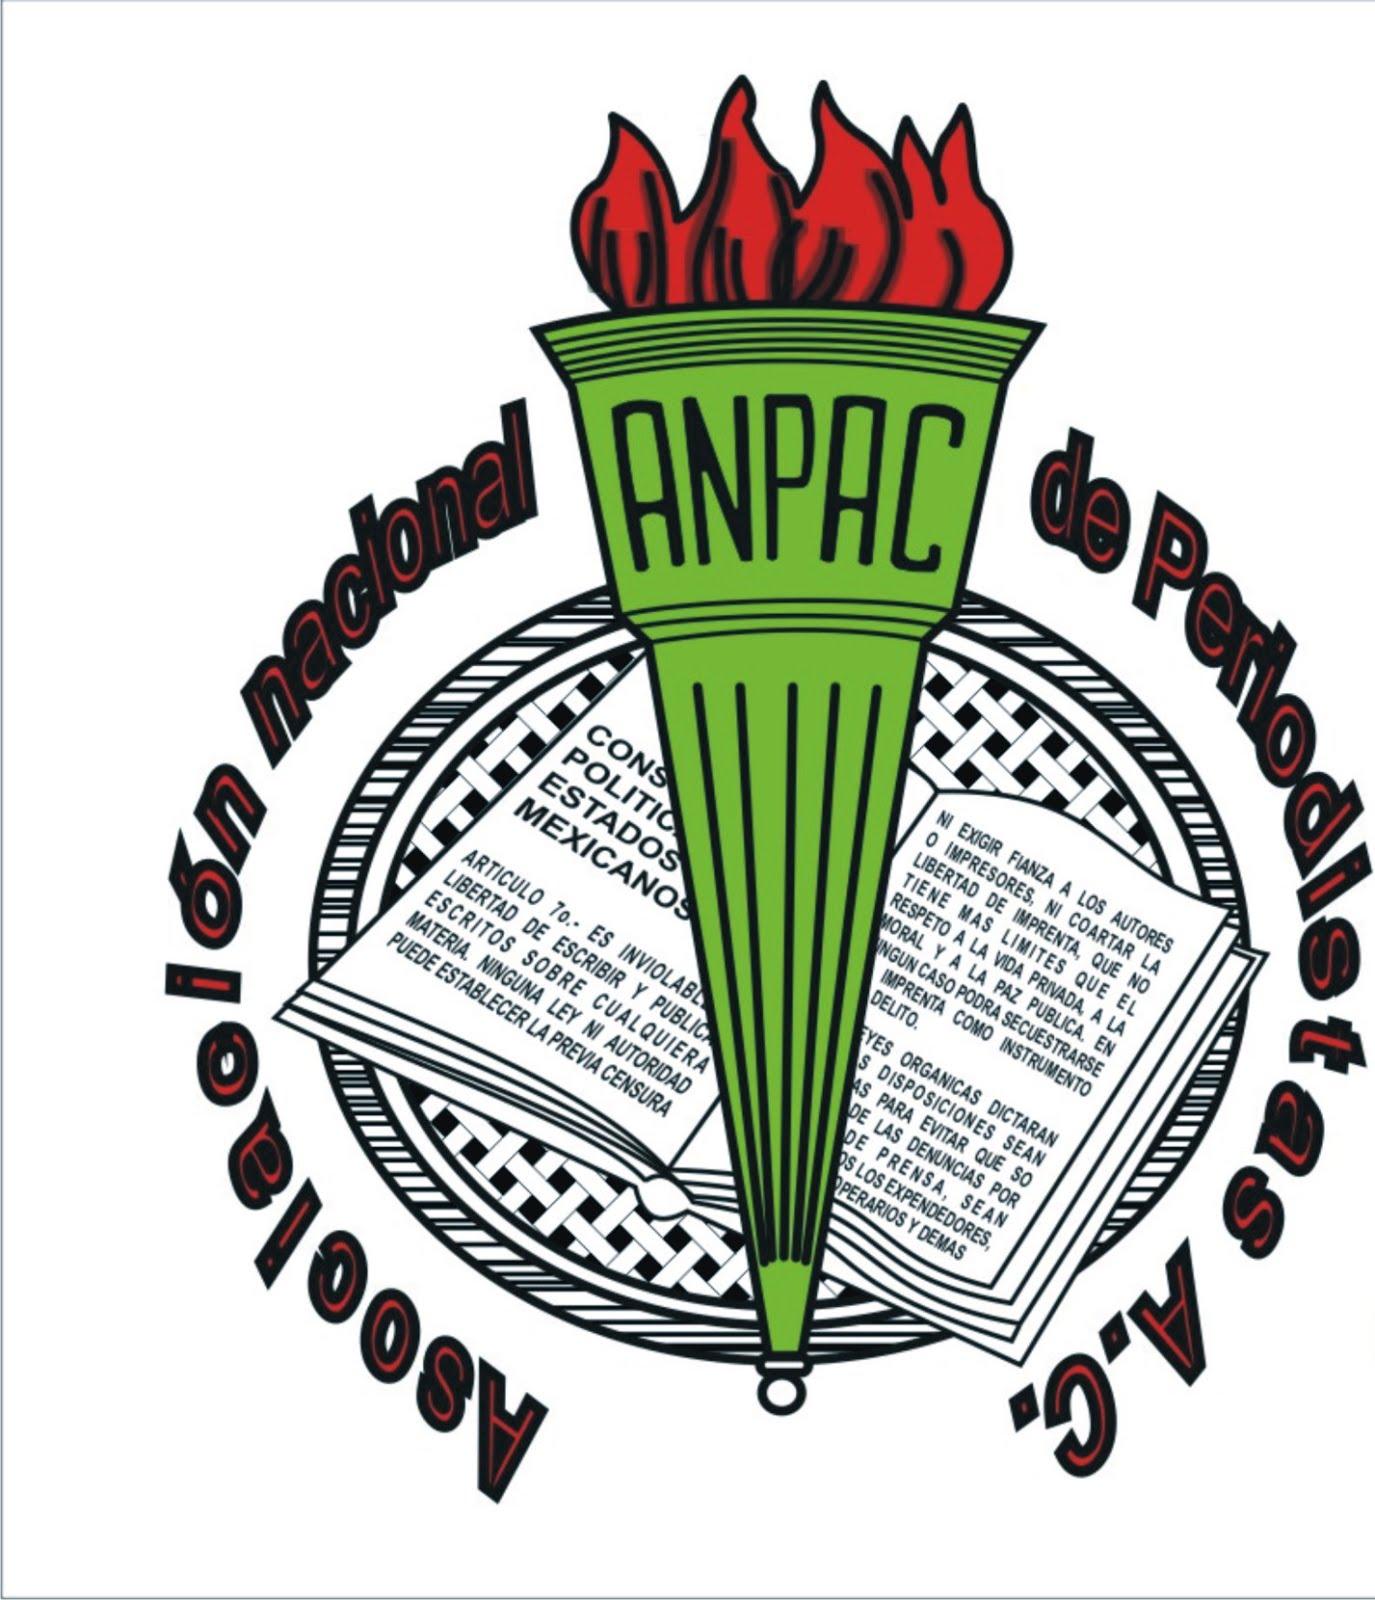 Asociación Nacional de Periodistas A.C. (ANPAC) Baja California